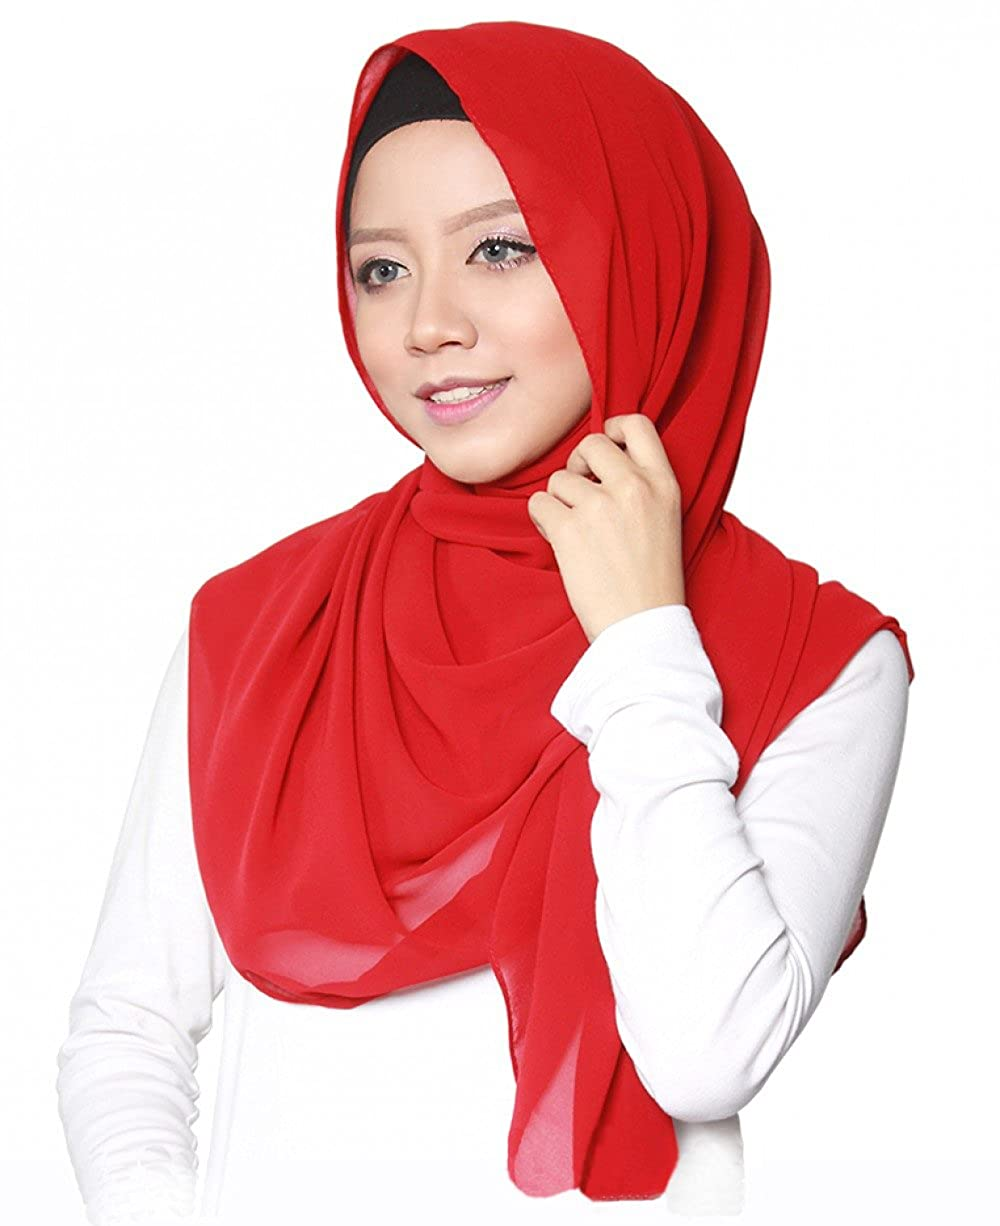 Hijab pour femmes musulmanes voil/ées I Foulard voile turban /écharpe pashmina ch/âle robe islamique I Mousseline de soie I 75x180cm SAFIYA